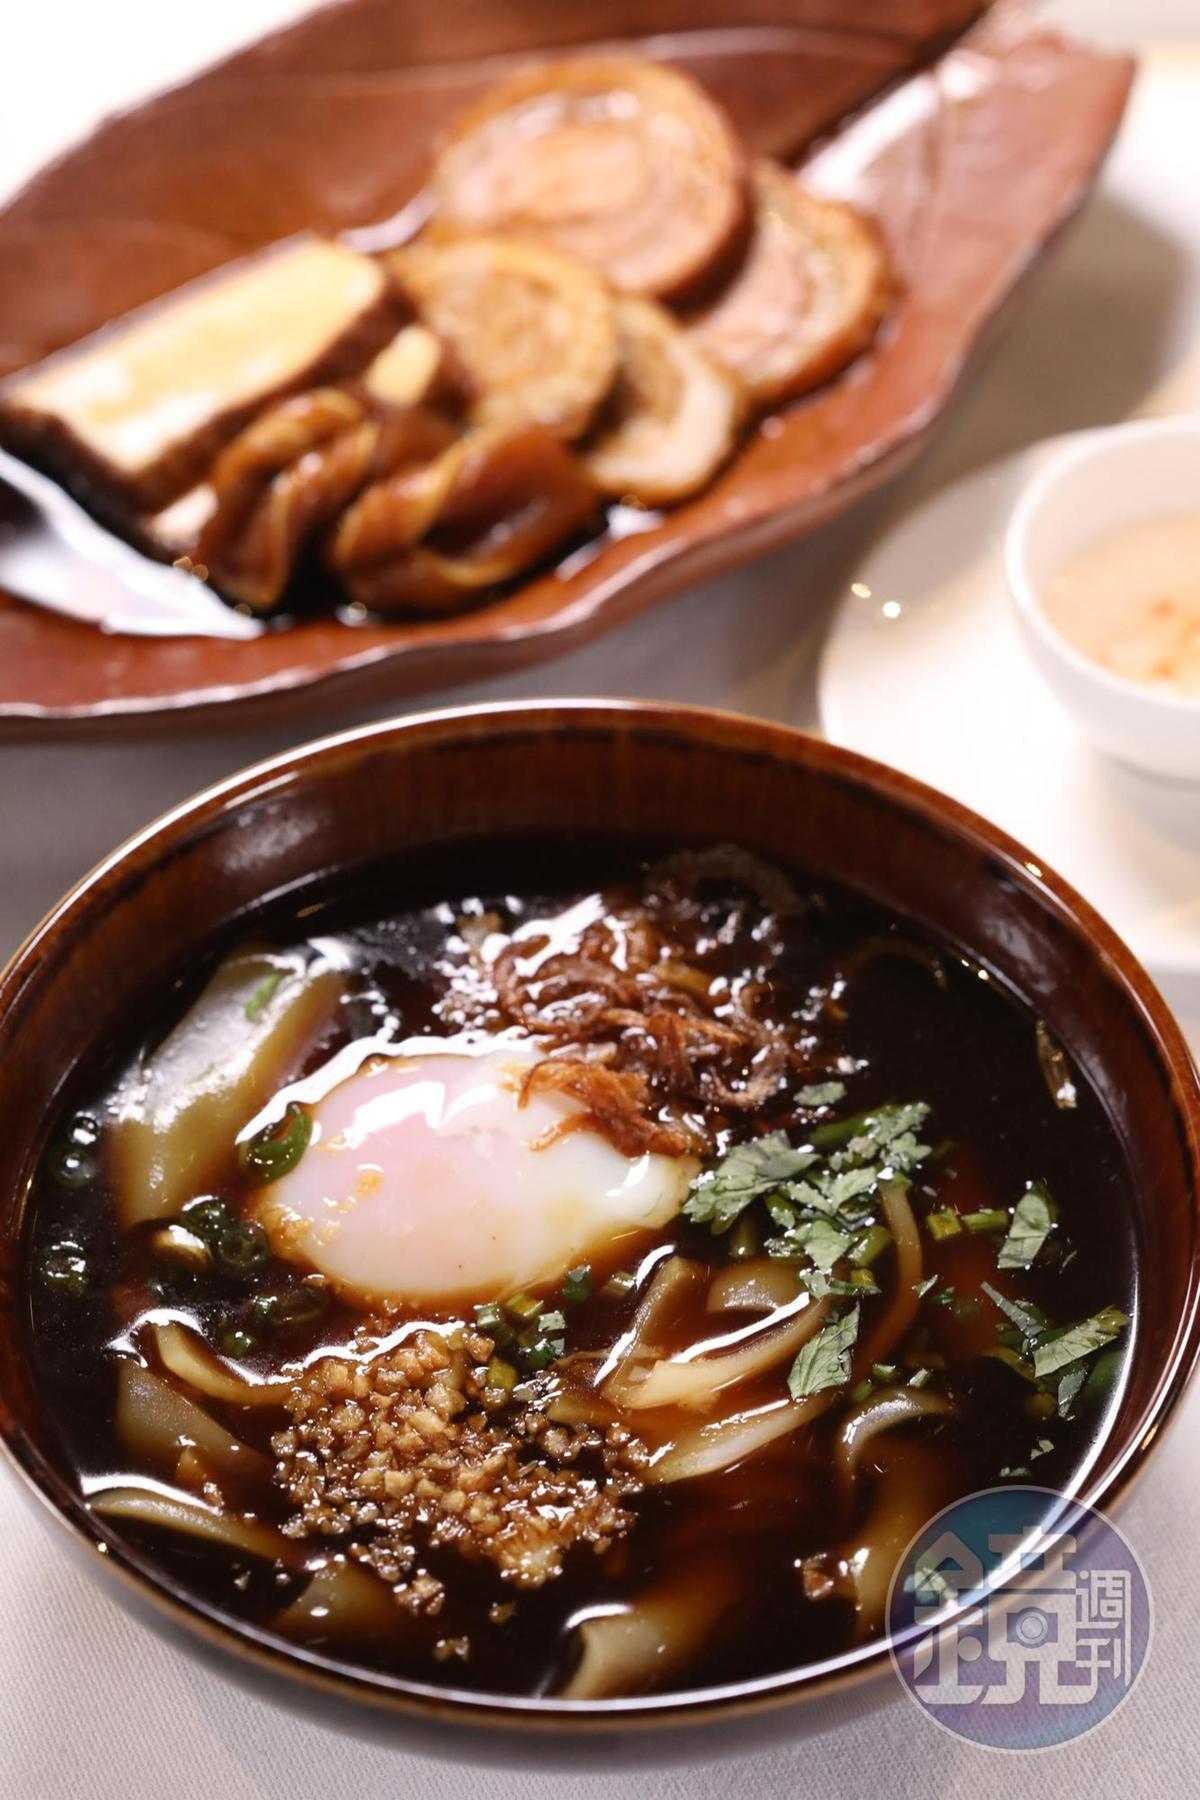 主廚黃贊奇表現潮州家鄉味的「自家製滷水粿條」,裡頭有日式溫泉蛋與自製米片。